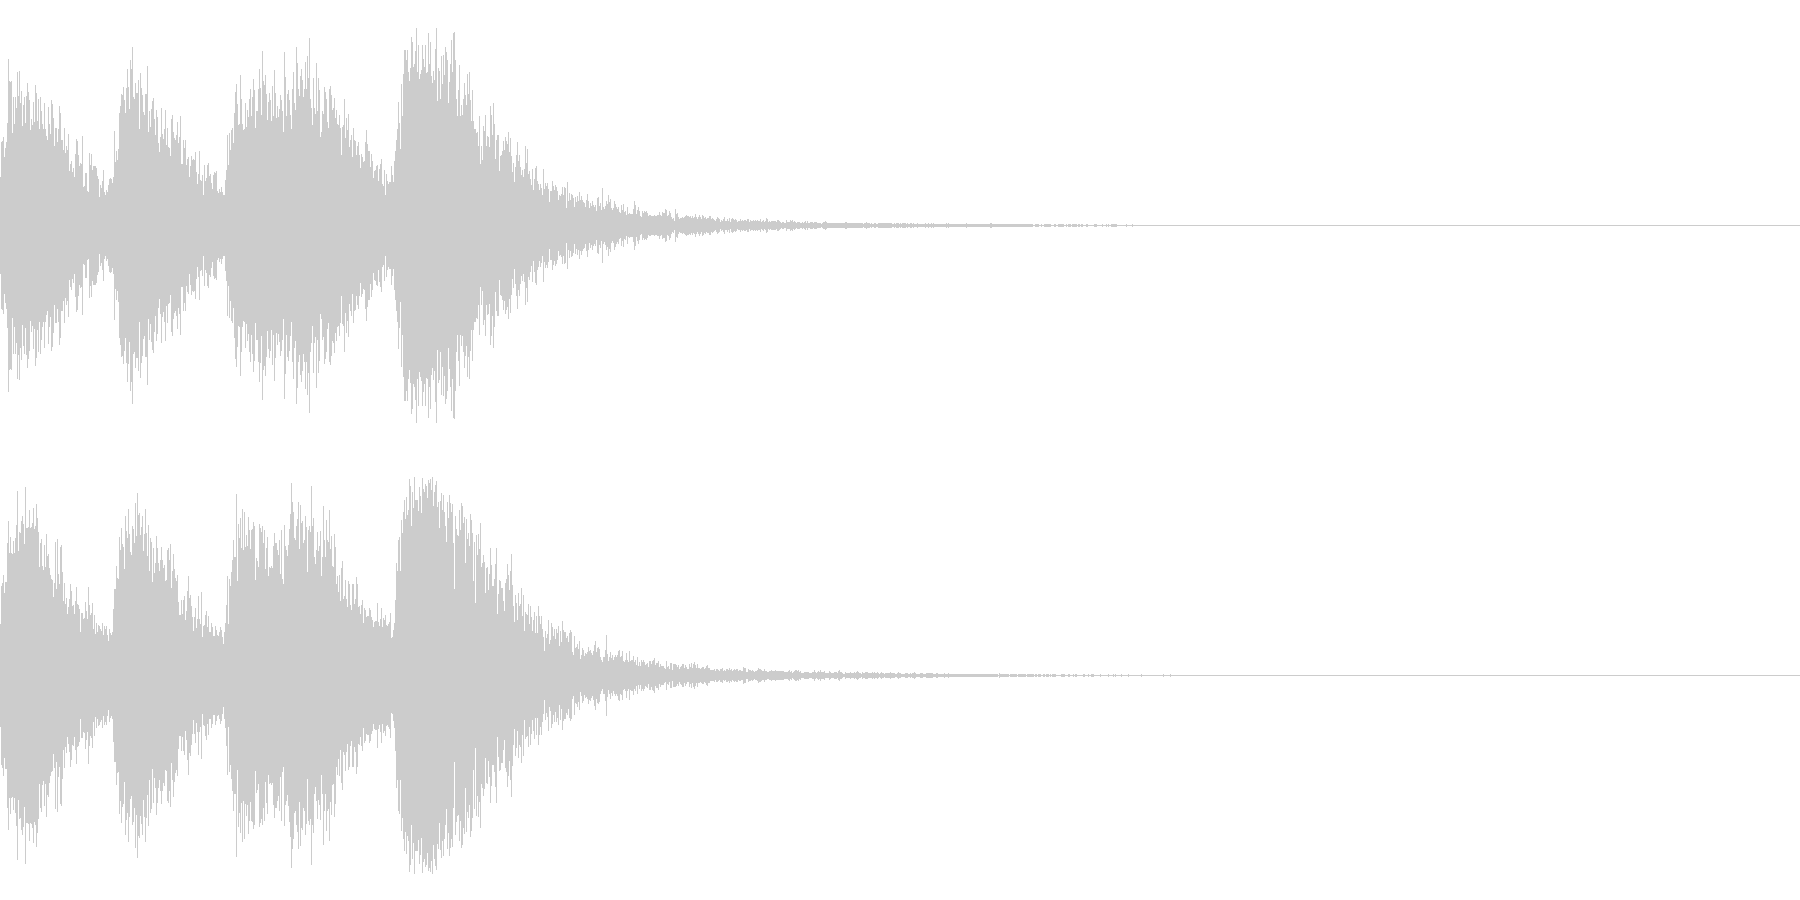 オーケストラヒットのジングル! 04の未再生の波形